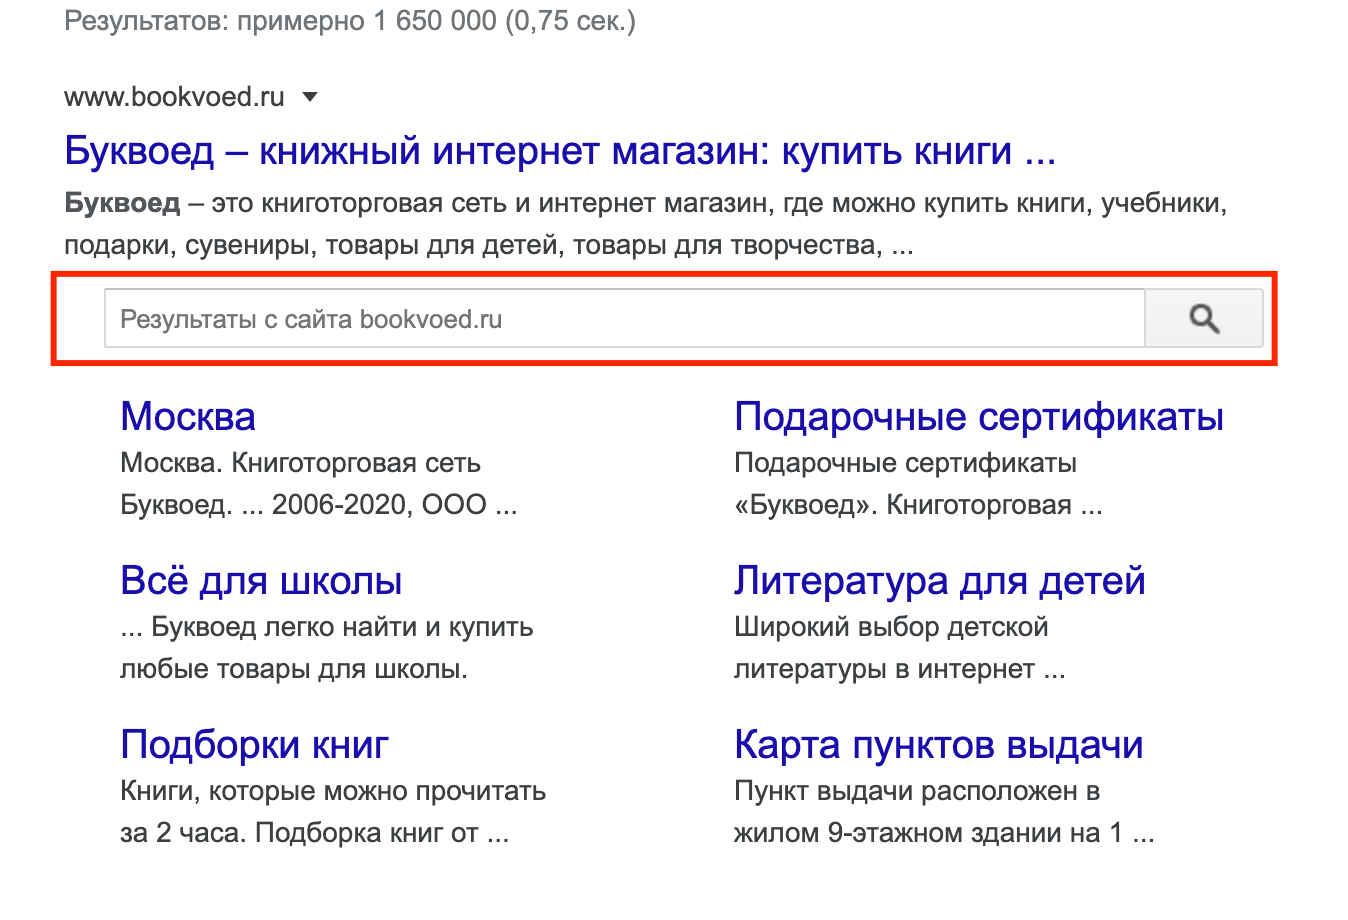 Пример поиска по сайту прямо в выдаче Google